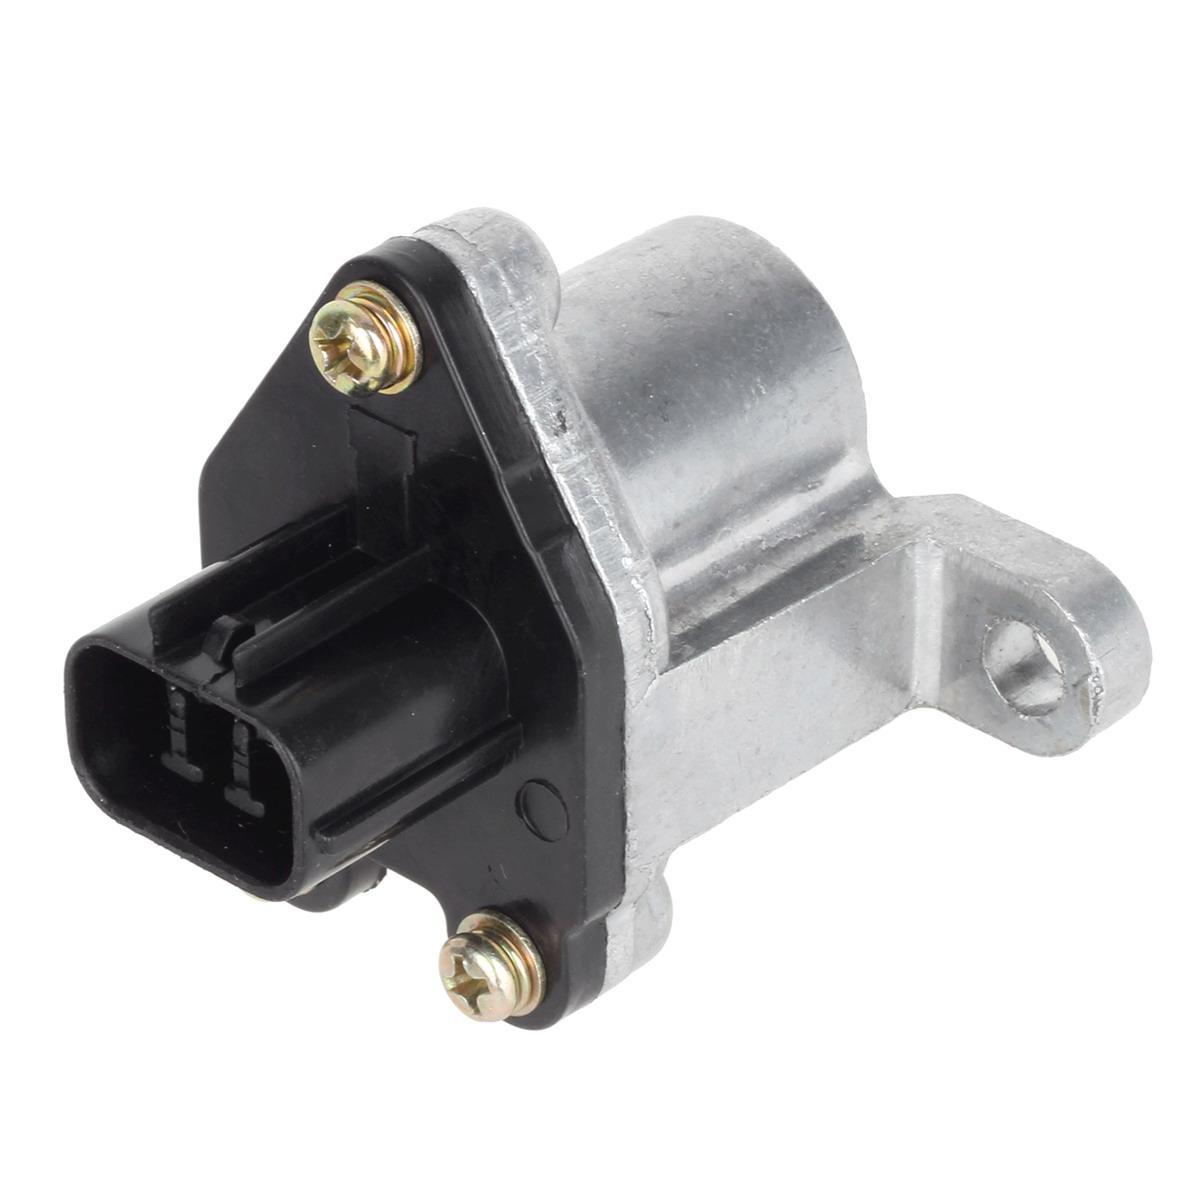 Vehicle Speed Sensor VSS SC136 For 1992 1993 1994 1995